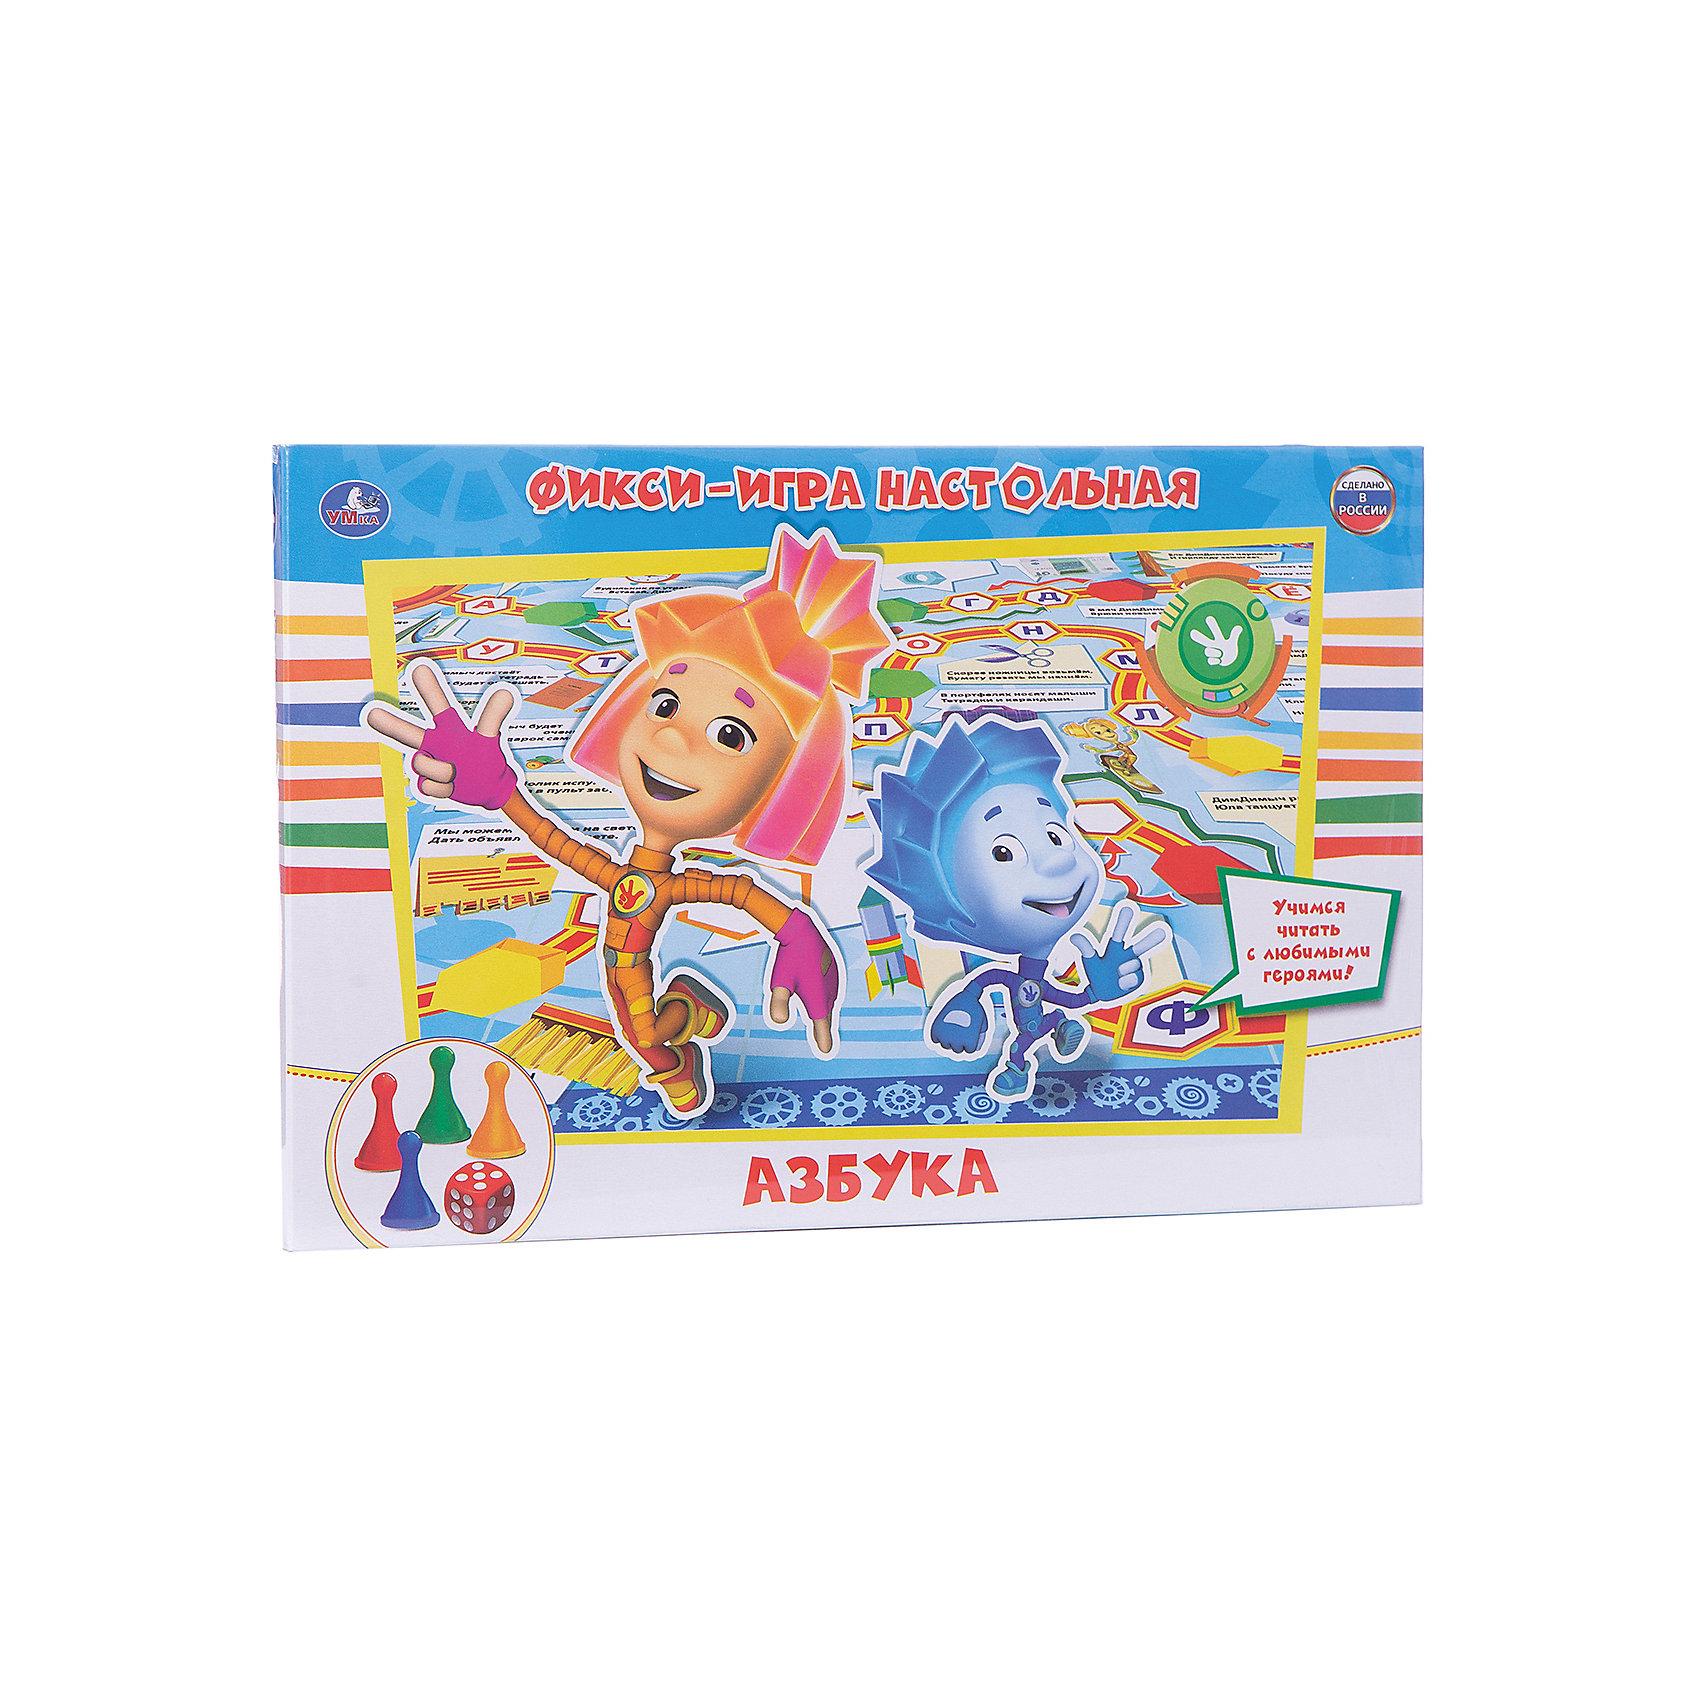 Настольная игра-ходилка Фиксиазбука, УмкаИгровое поле содержит изображение персонажей из популярного детского мультфильма ФиксикиИгроки поочерёдно бросают кубик и, совершая определённое количество ходов. Выигрывает участник, который первым окажется на финише.Игра способствует изучению букв, тренировке навыков счёта и чтения, развивает внимание и память<br><br>Ширина мм: 30<br>Глубина мм: 330<br>Высота мм: 210<br>Вес г: 150<br>Возраст от месяцев: 36<br>Возраст до месяцев: 72<br>Пол: Унисекс<br>Возраст: Детский<br>SKU: 5099088